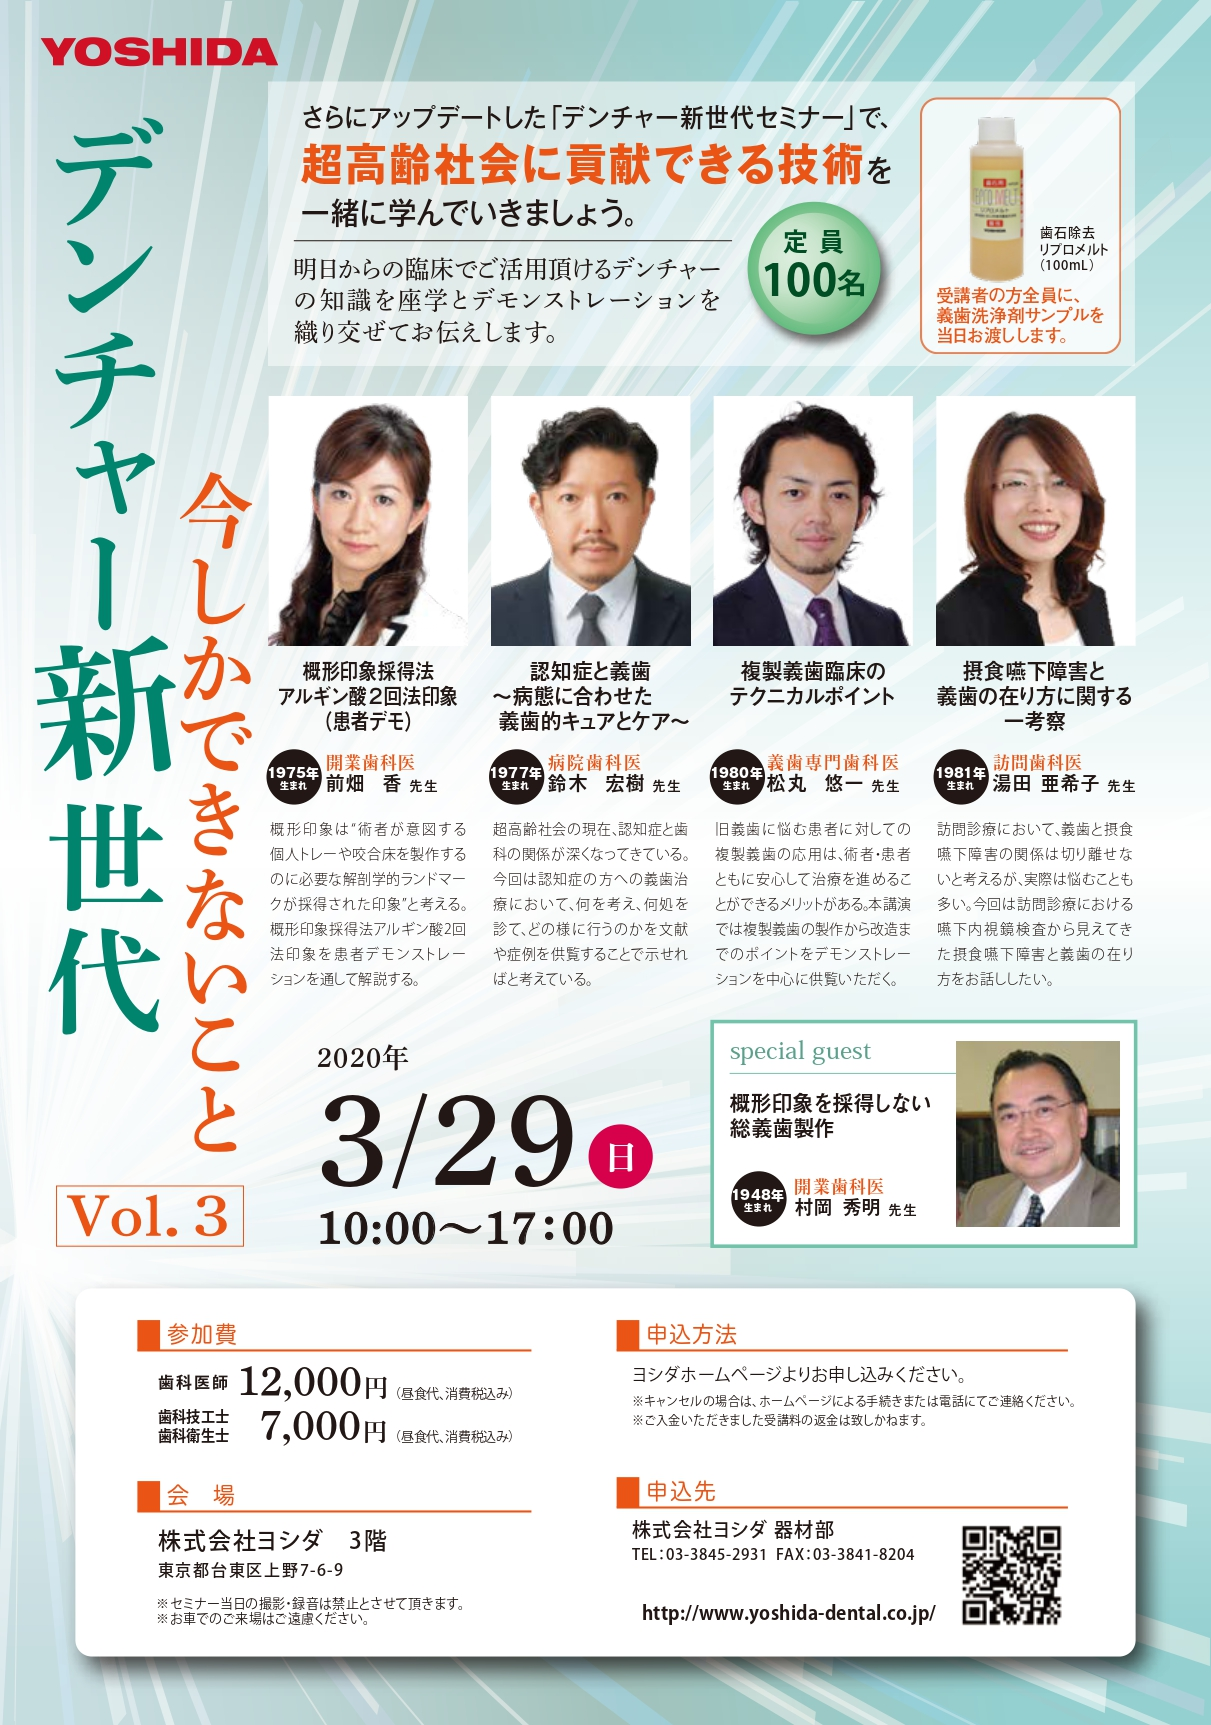 デンチャー新世代 今しかできないこと Vol.3